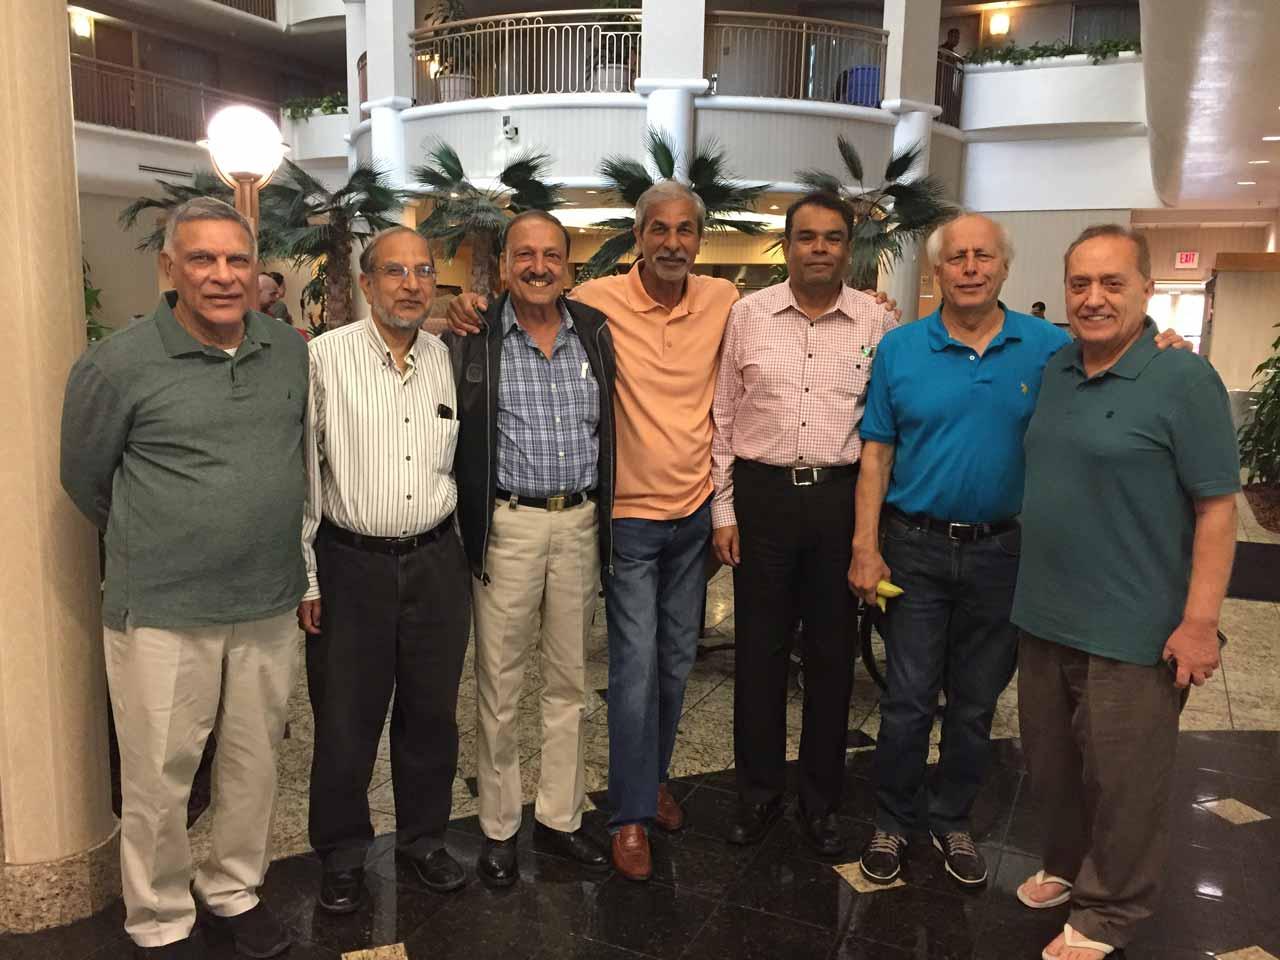 Majid Adam, Hamid Ul Haque, Umar Vawda, Pervez Randhawa, Jawaid Saeedi, Shahnawaz Ahmad, Asif Majeed